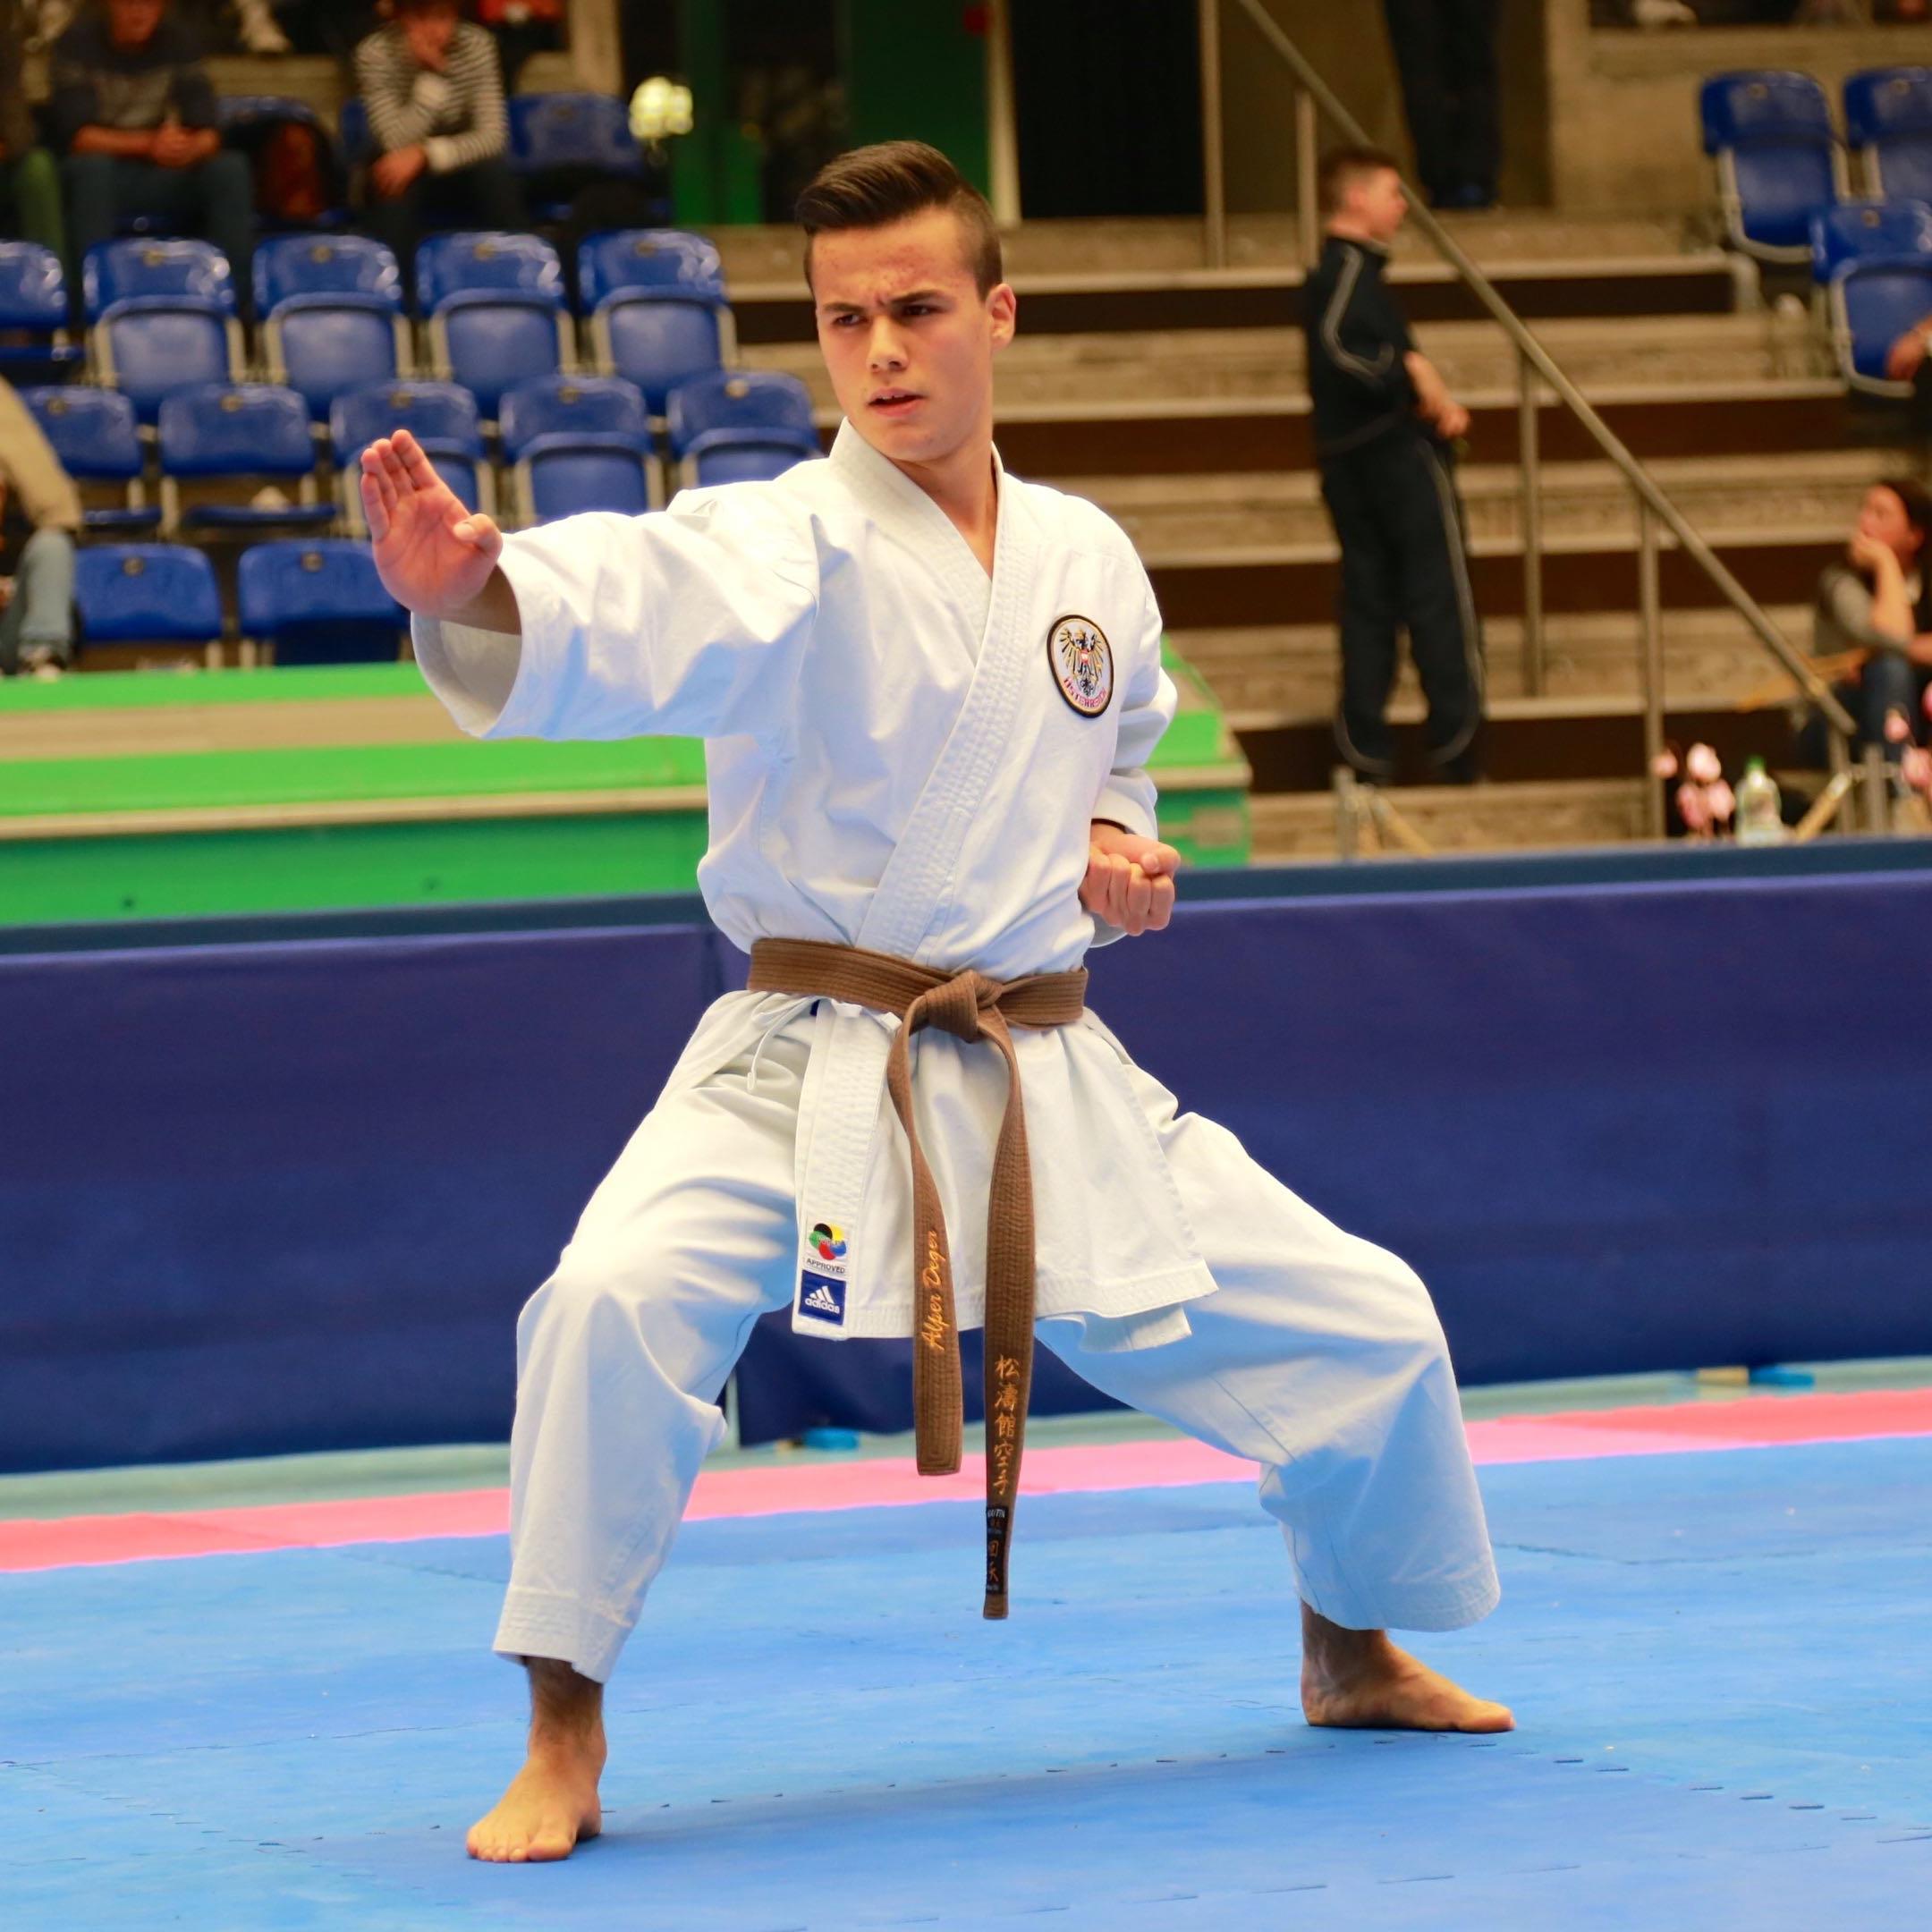 26 Medaillen holten die Vorarlberger Karatekas bei den österreichischen Titelkämpfen